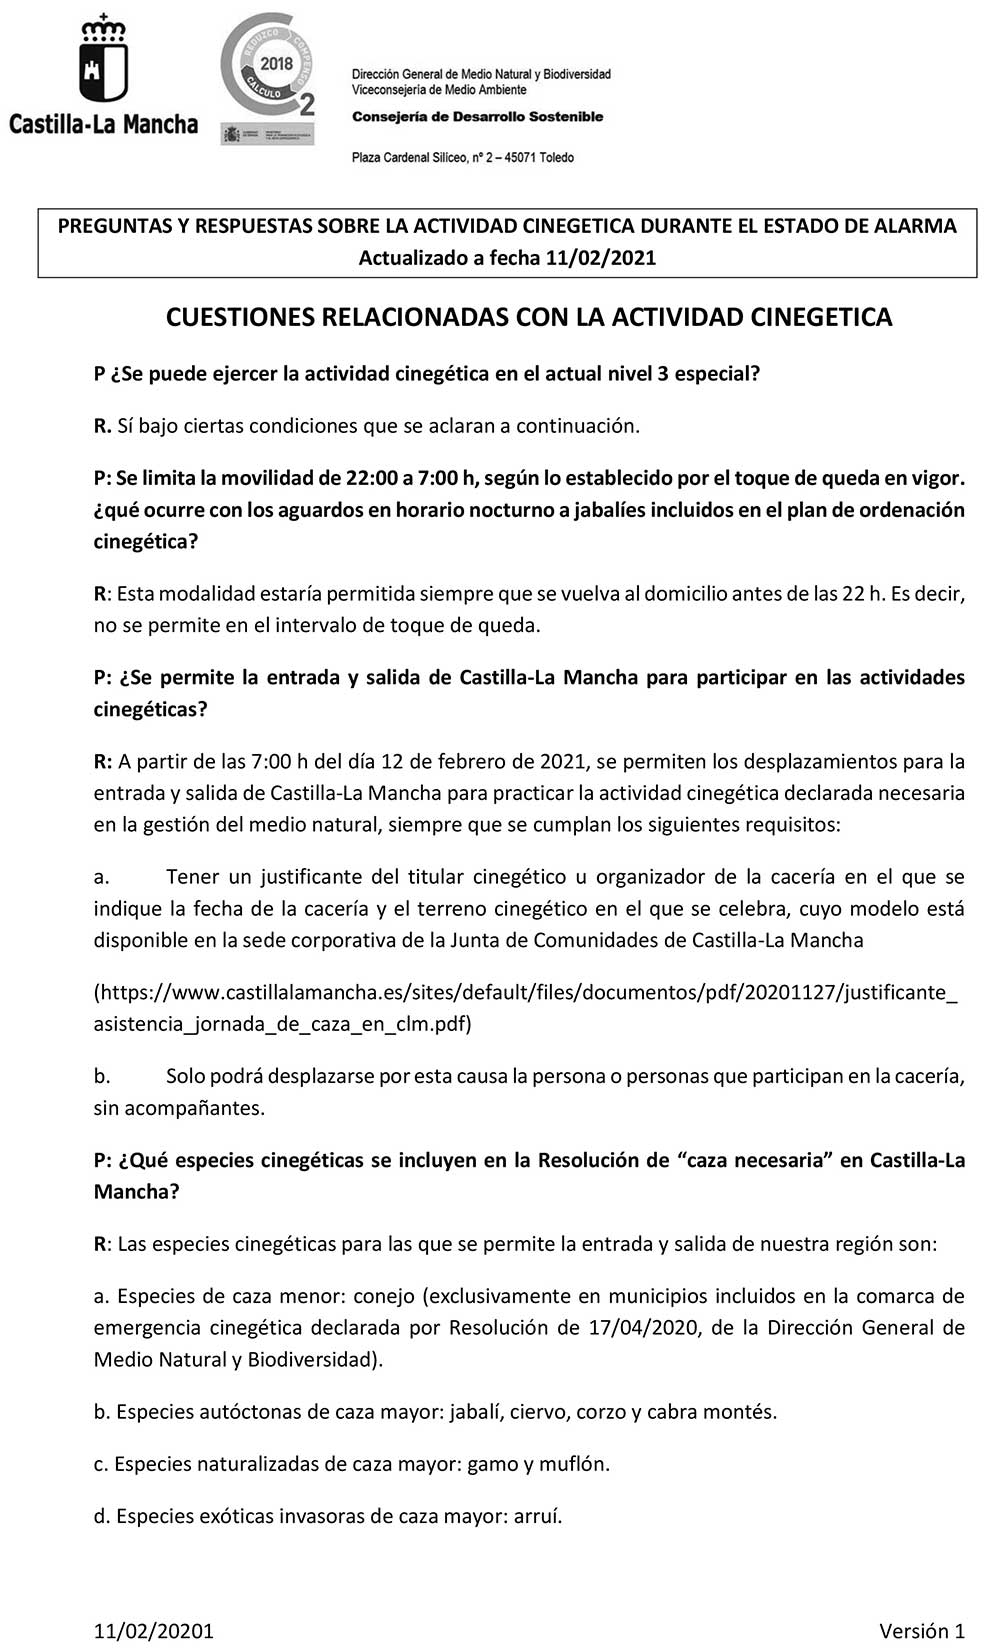 Preguntas y Respuestas sobre la actividad cinegética en Castilla la Mancha